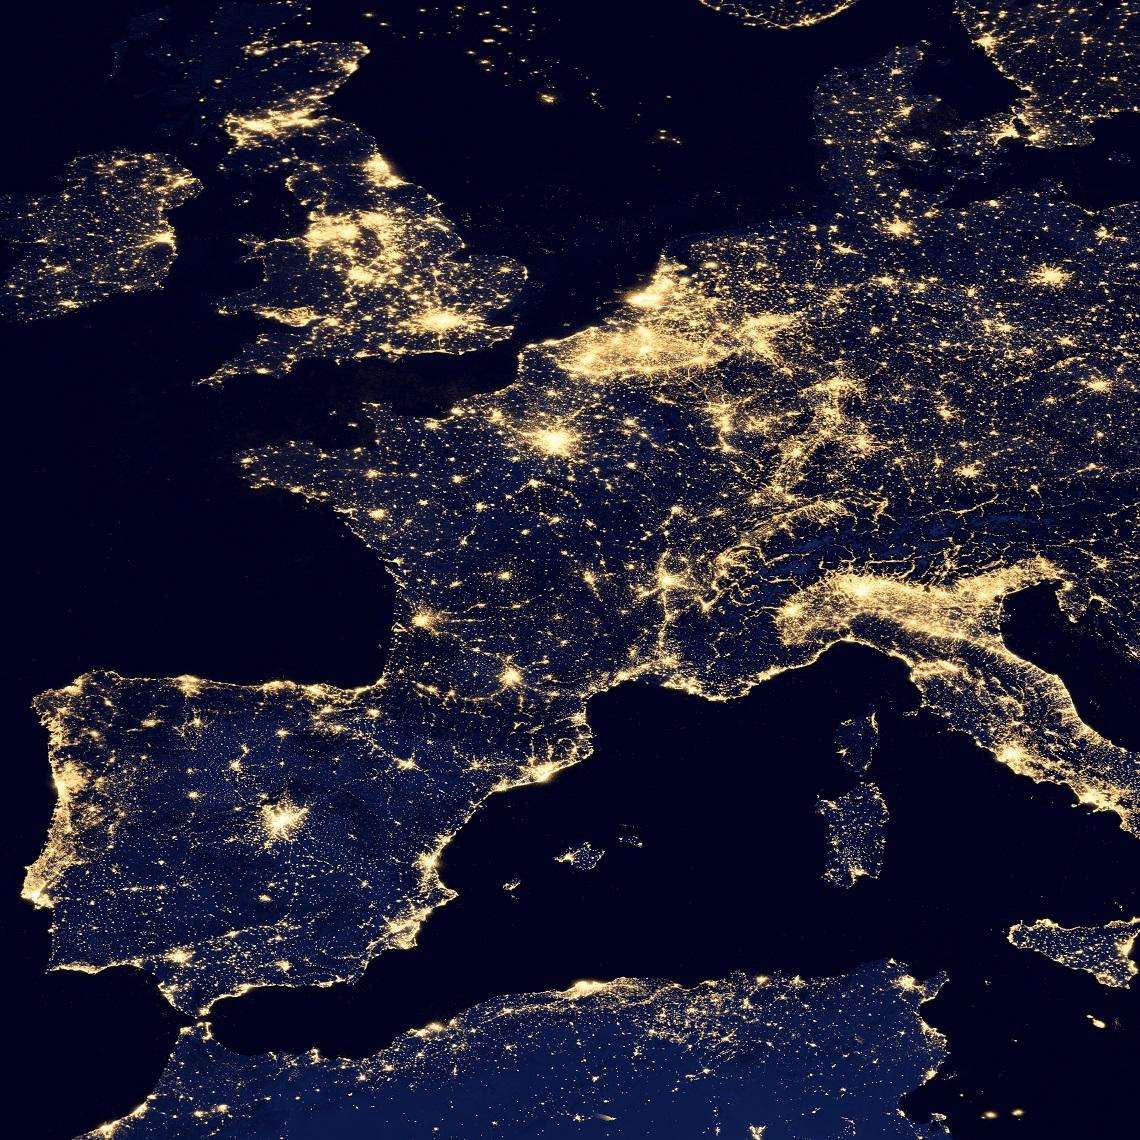 Lumières dans la nuit, le fléau d'une pollution oubliée